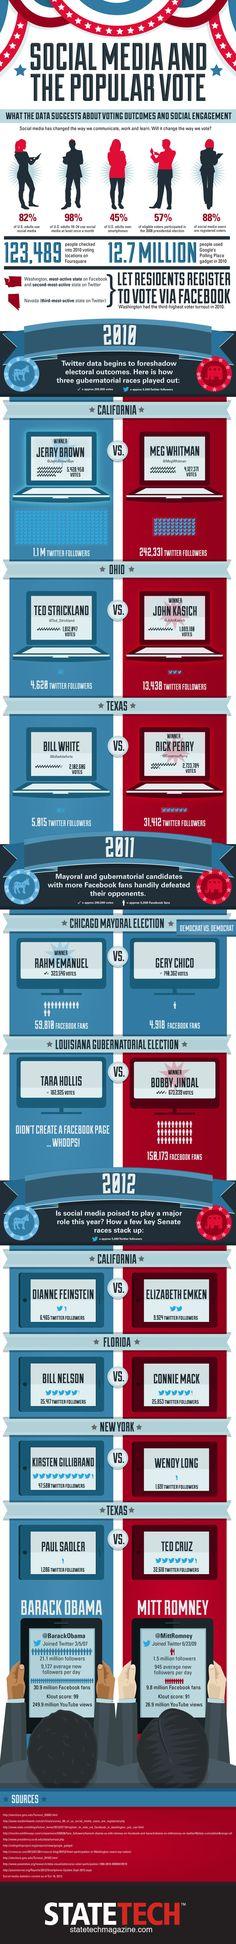 ¿Qué tendrá el impacto medios de comunicación sociales sobre la elección presidencial?